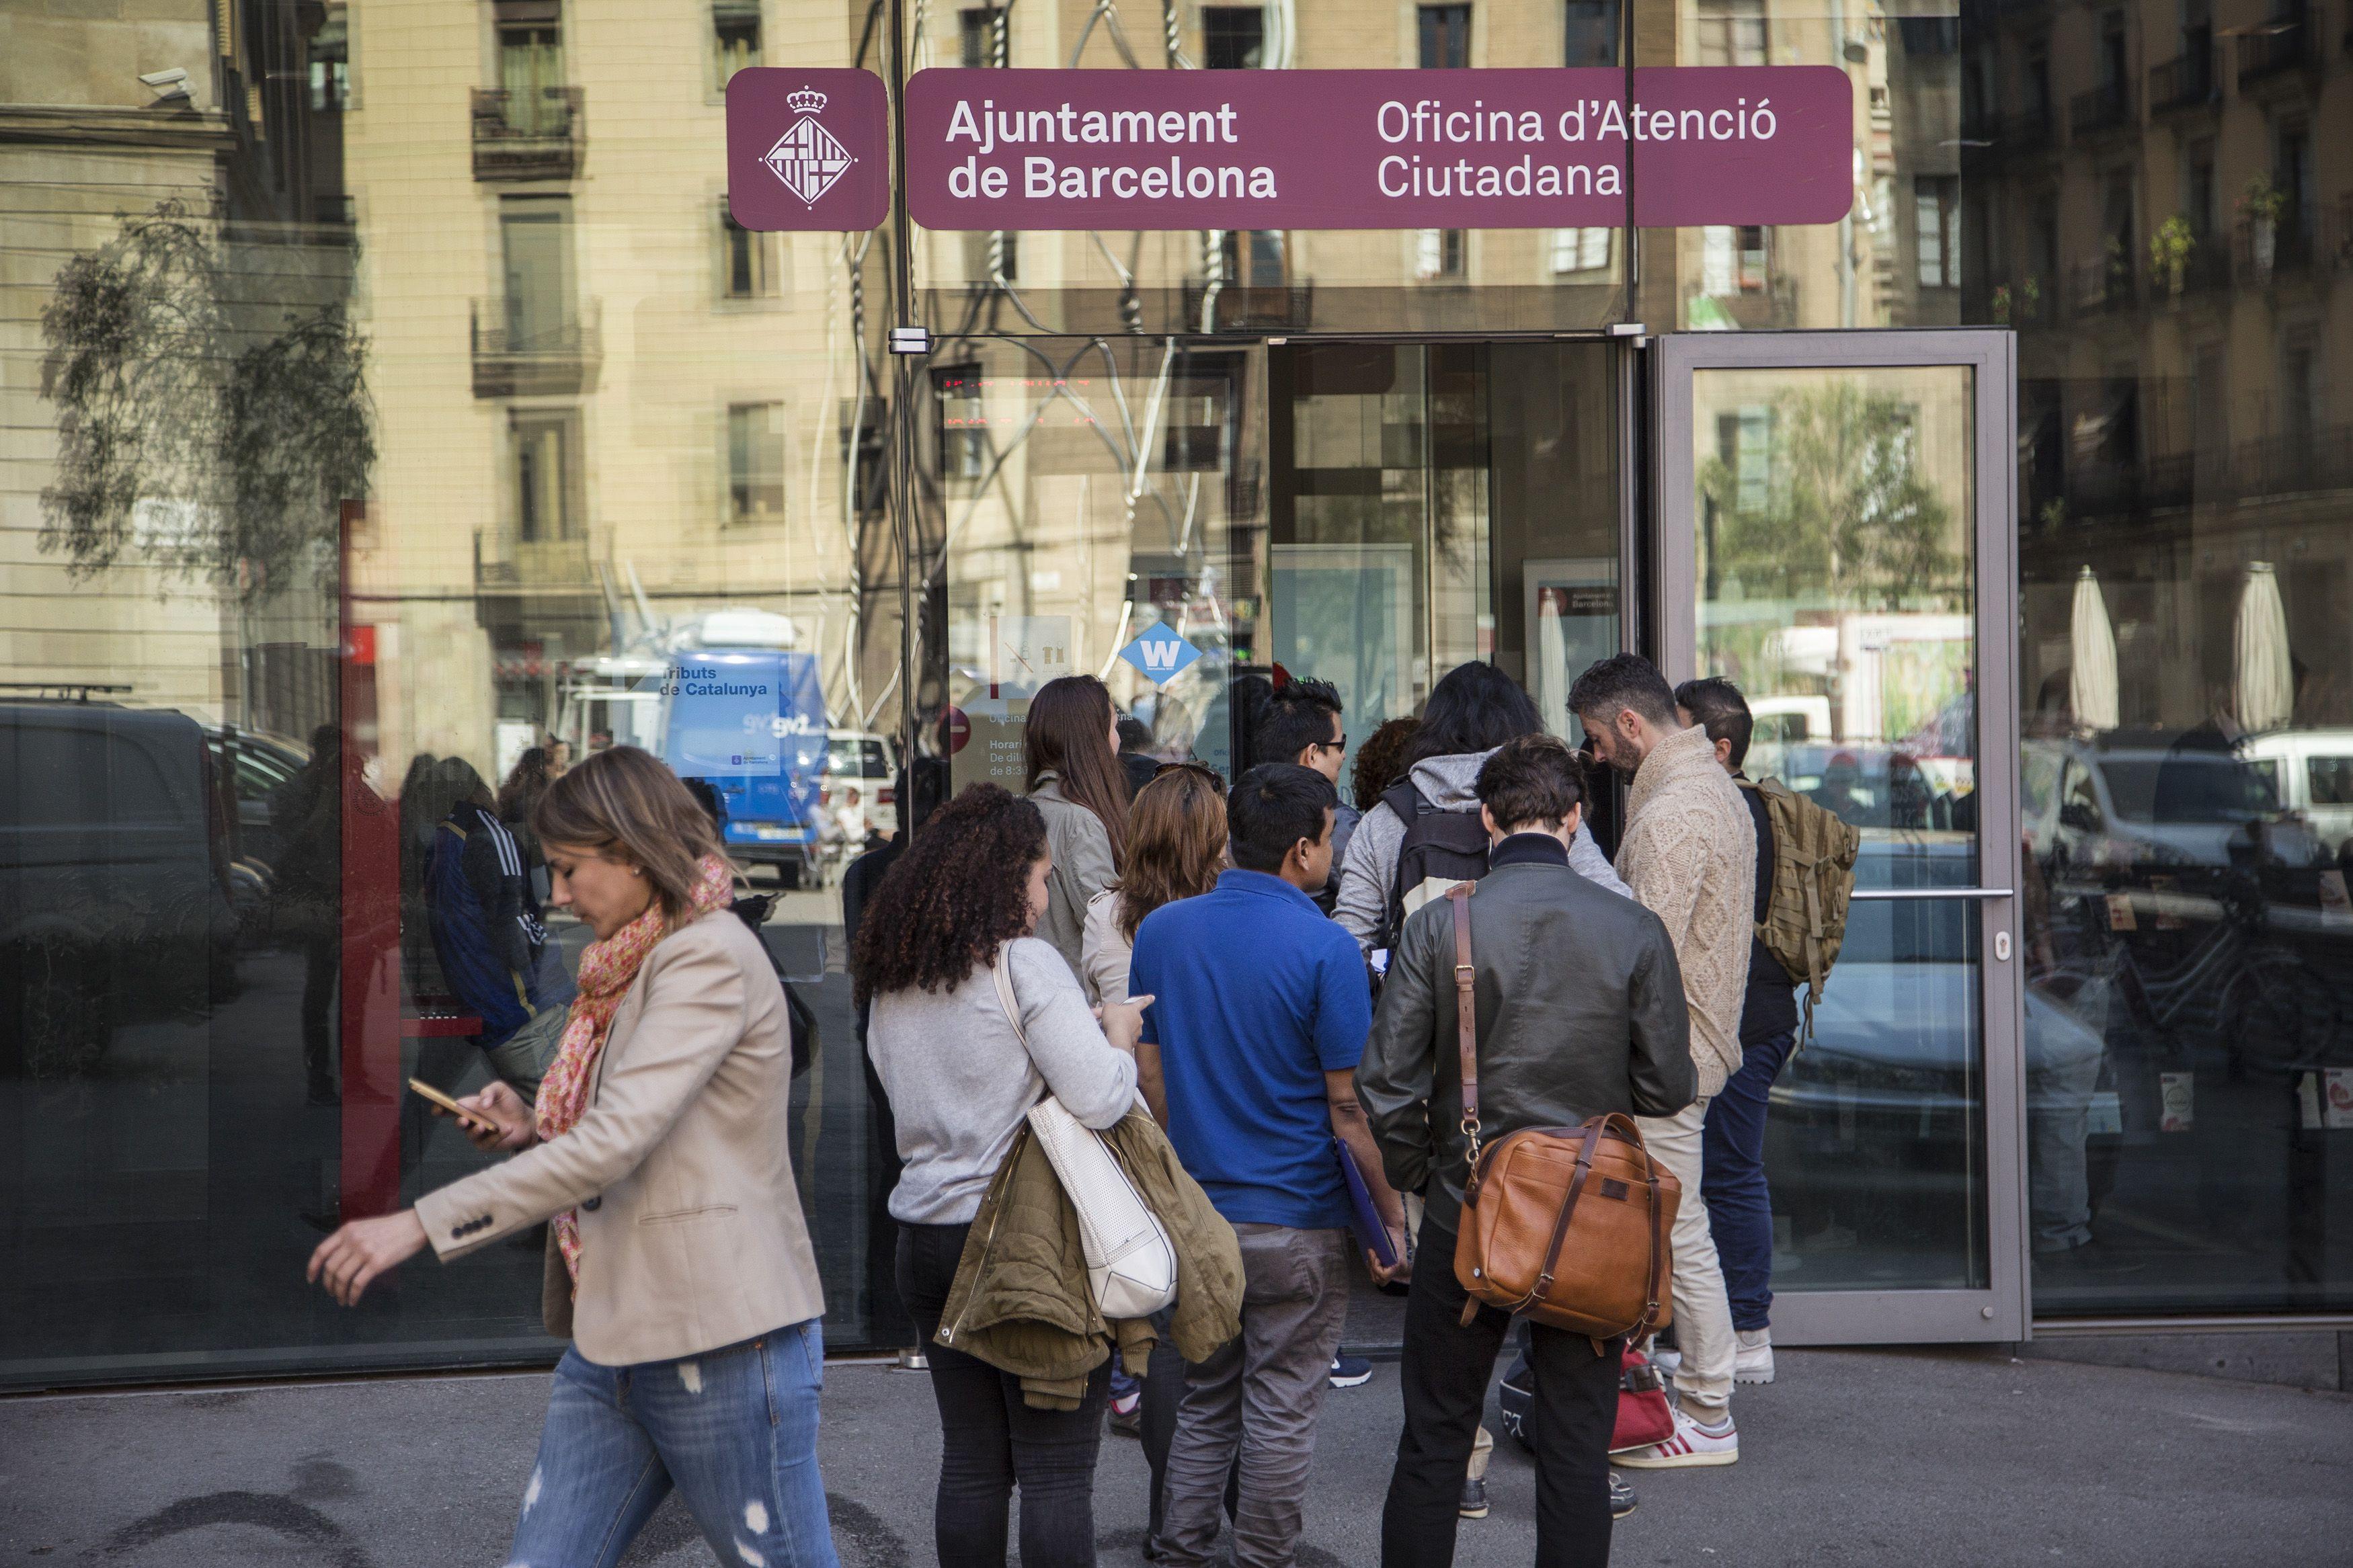 Barcelona reduce un 11 el gasto social y queda lejos de for Oficina de seguridad social en barcelona